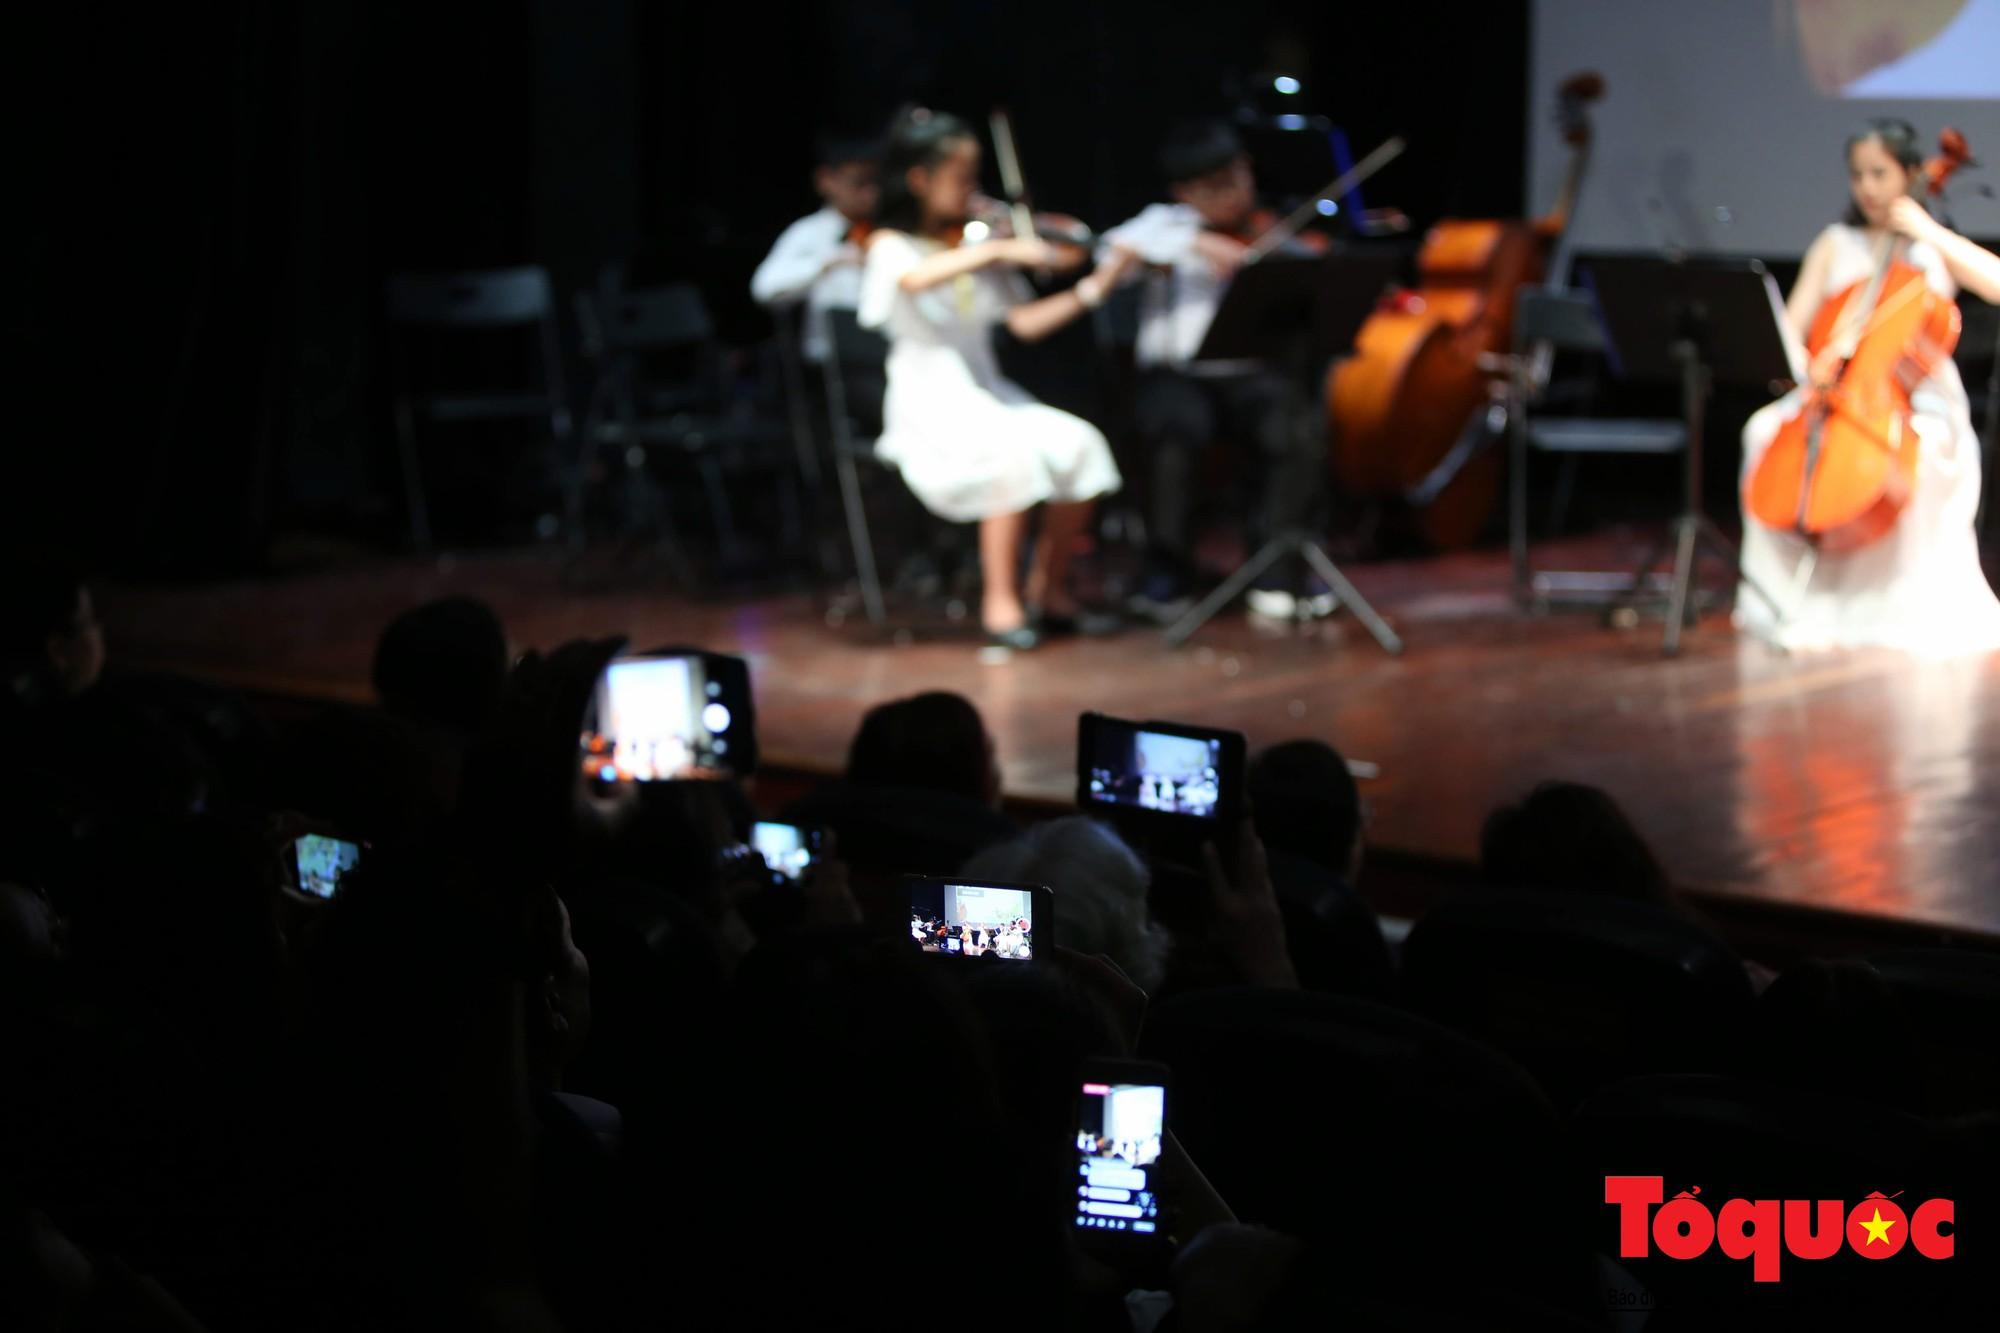 Dàn nhạc giao hưởng nhí đầu tiên của Việt Nam biểu diễn gây quỹ từ thiện (13)